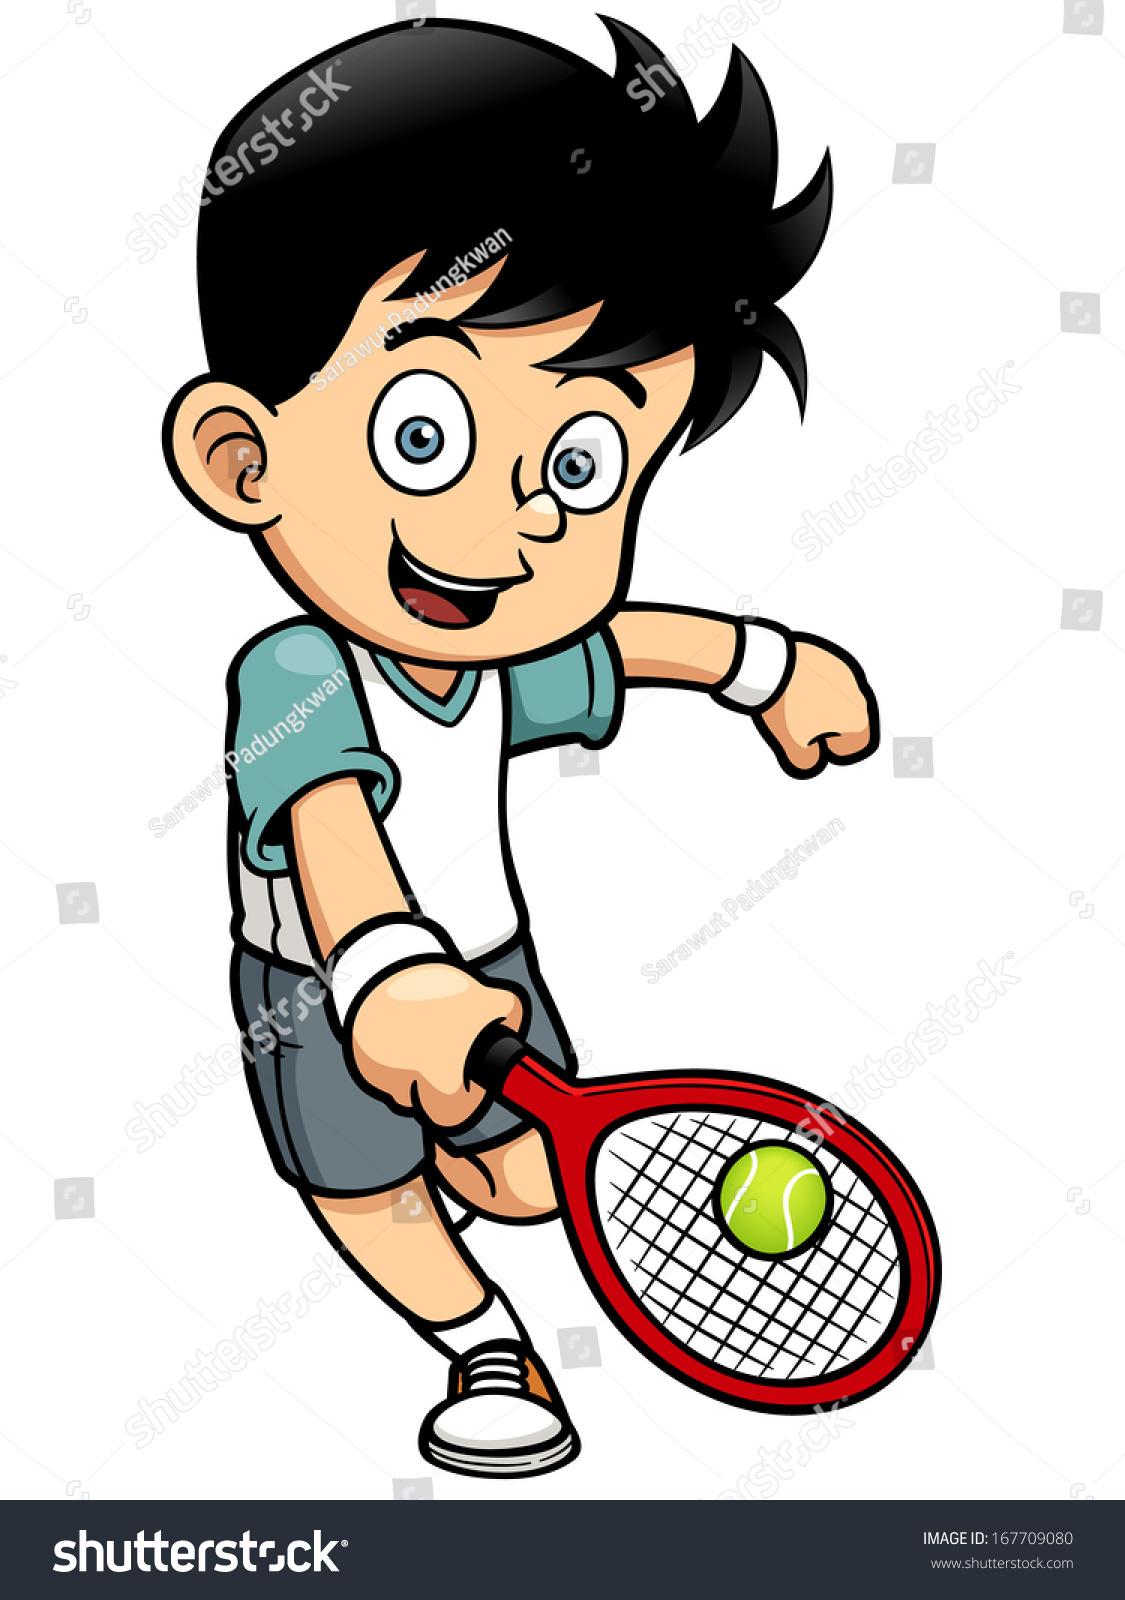 矢量图的网球运动员-人物,运动/娱乐活动-海洛创意()